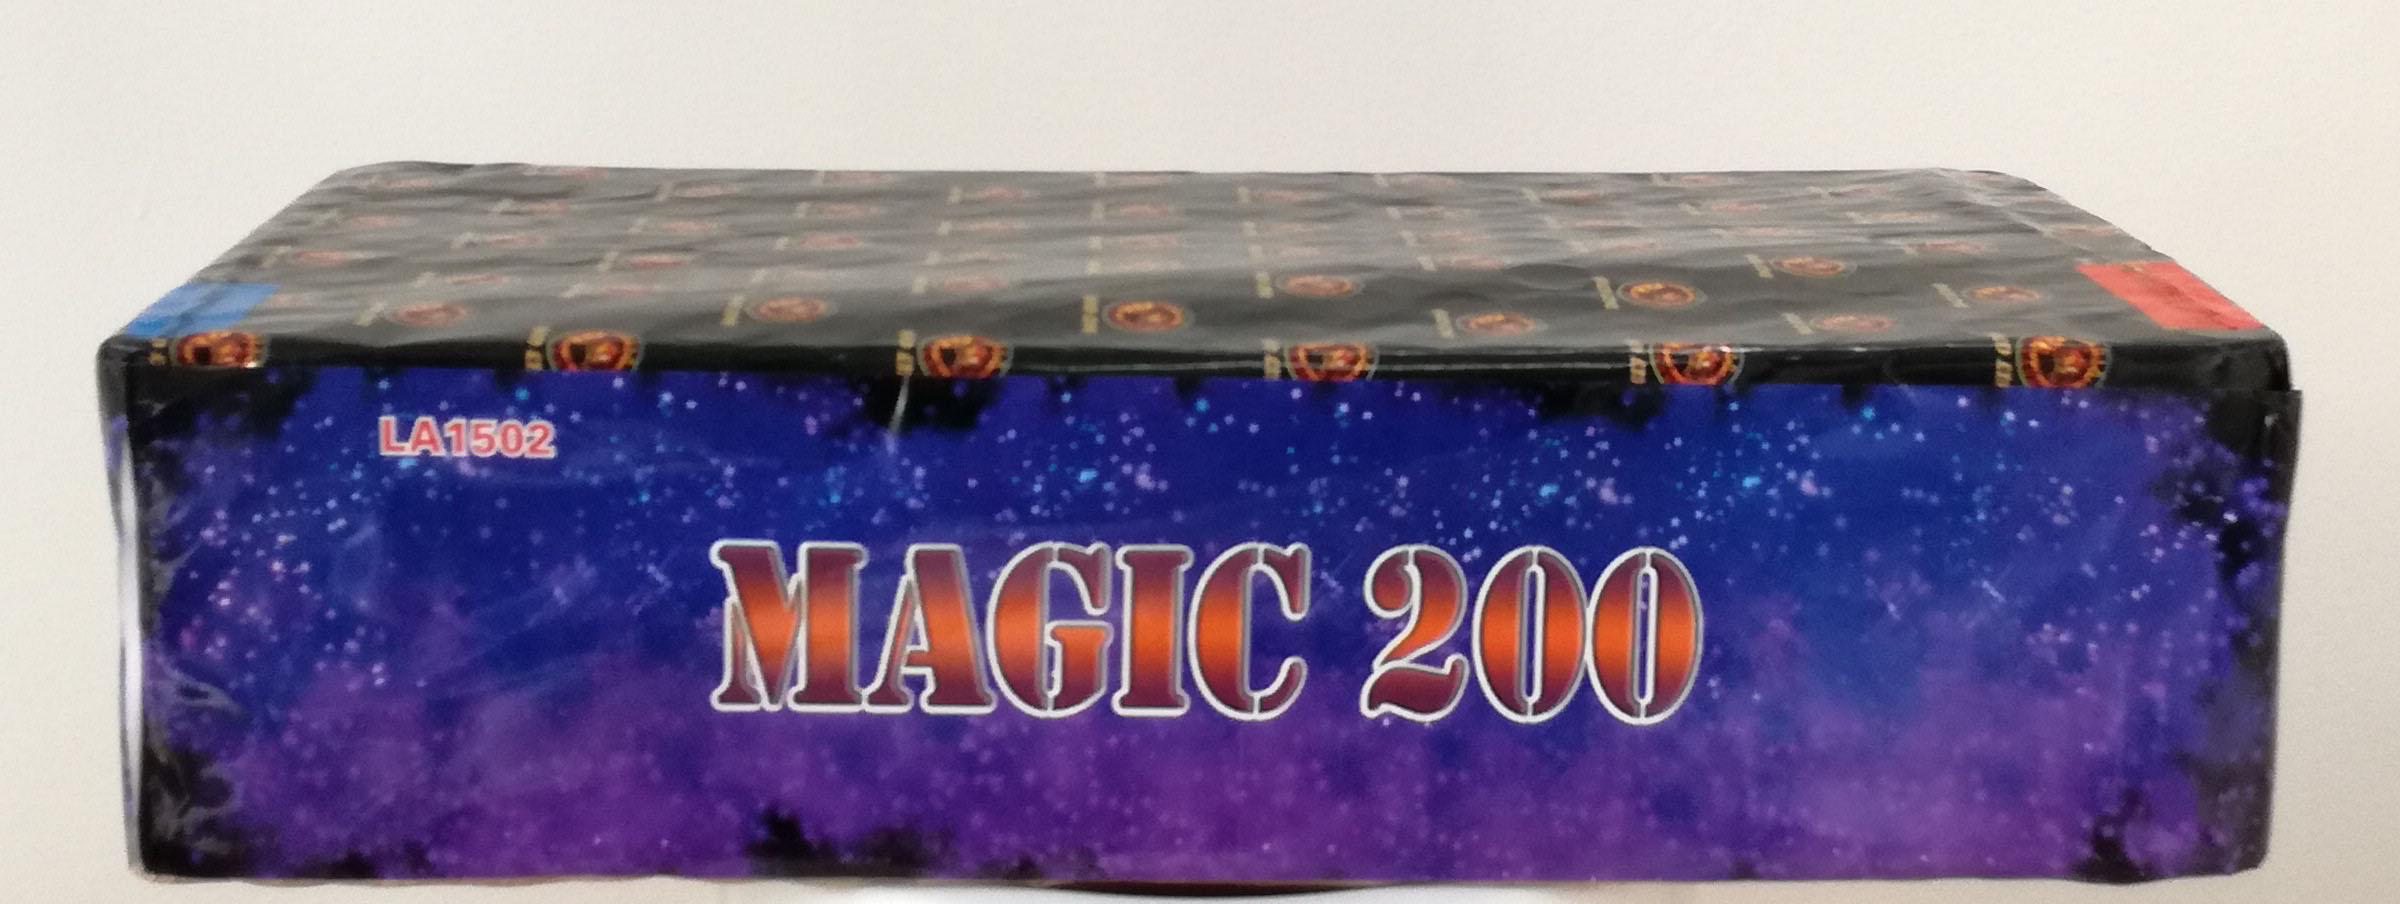 MAGIC 200 Image